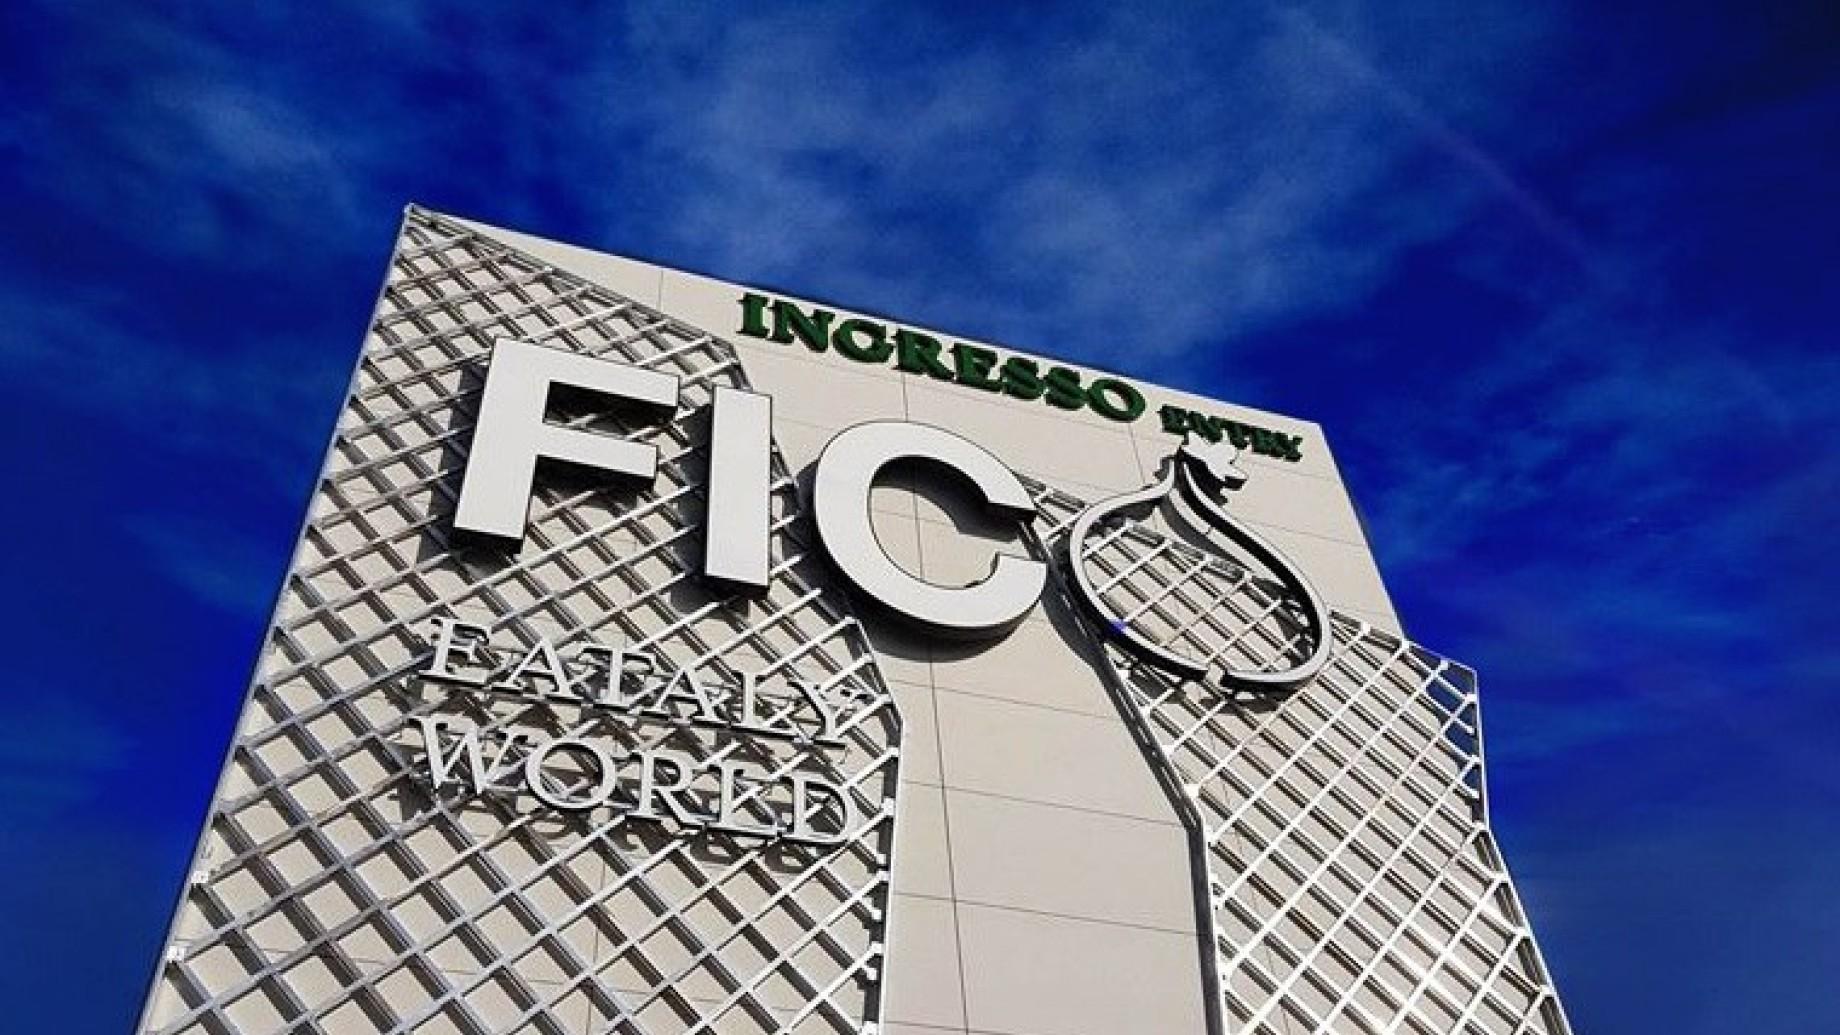 Che FICO! Ha aperto a Bologna Fico Eataly World, la disneyland del cibo Made in Italy